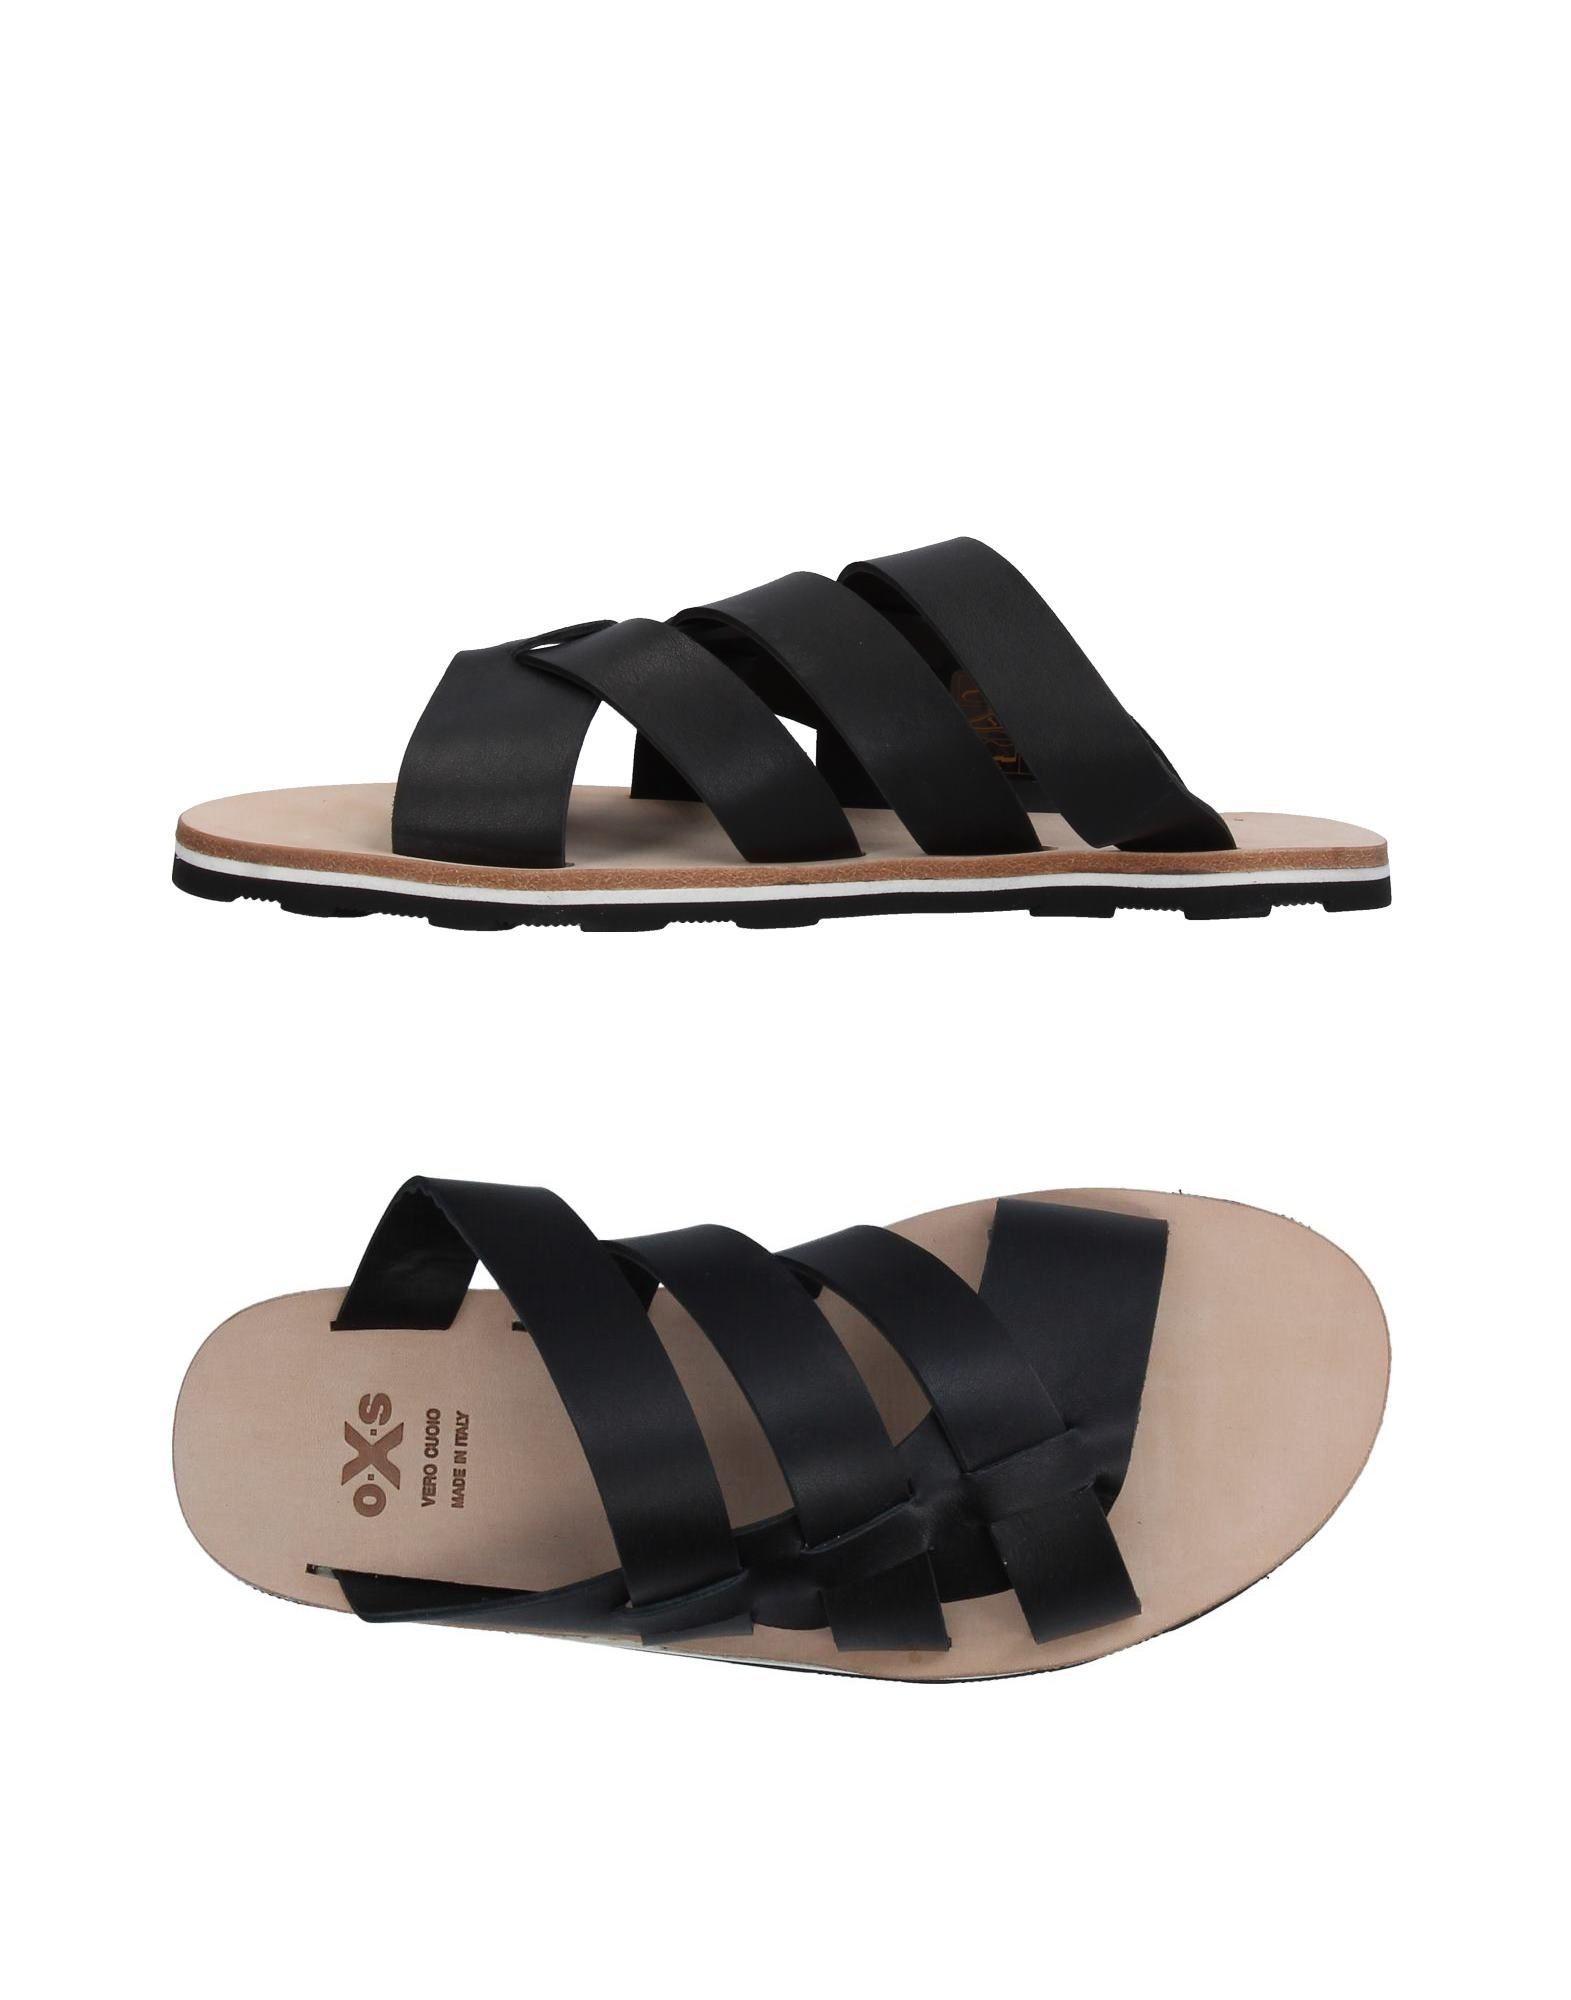 Sandali O.X.S. Donna - 11355239EI Scarpe economiche e buone